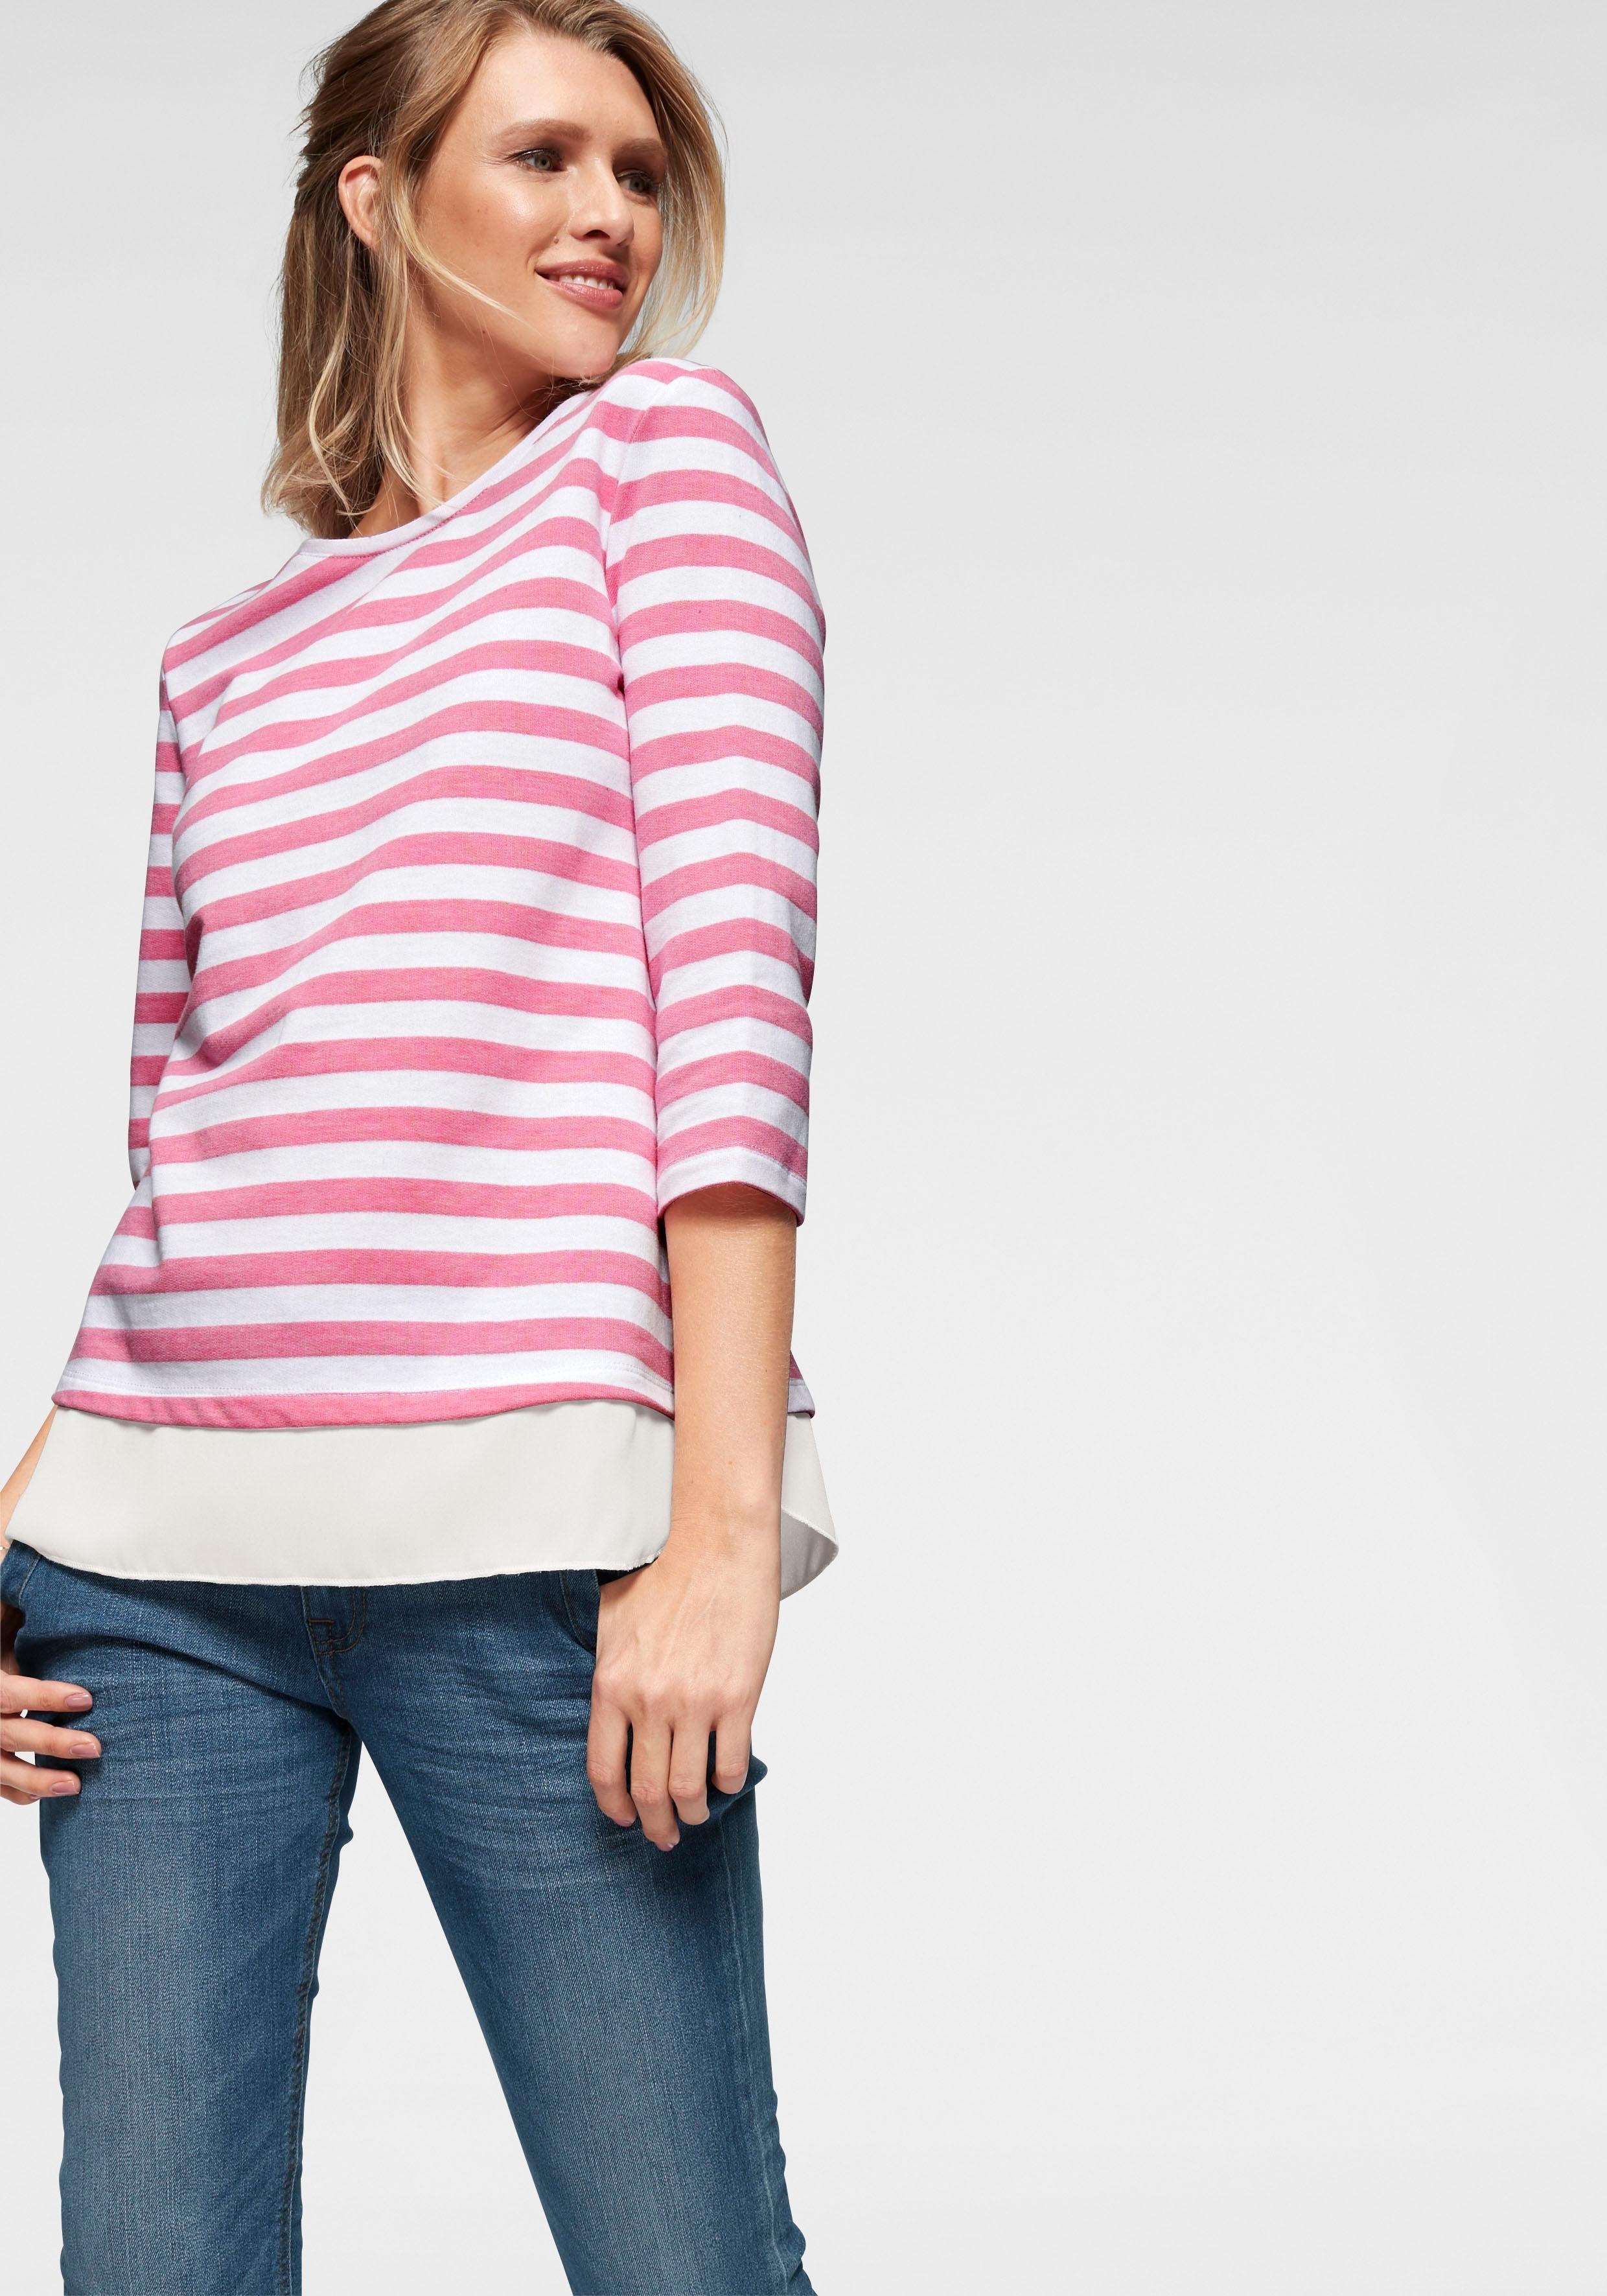 Cheer sweatshirt goedkoop op otto.nl kopen